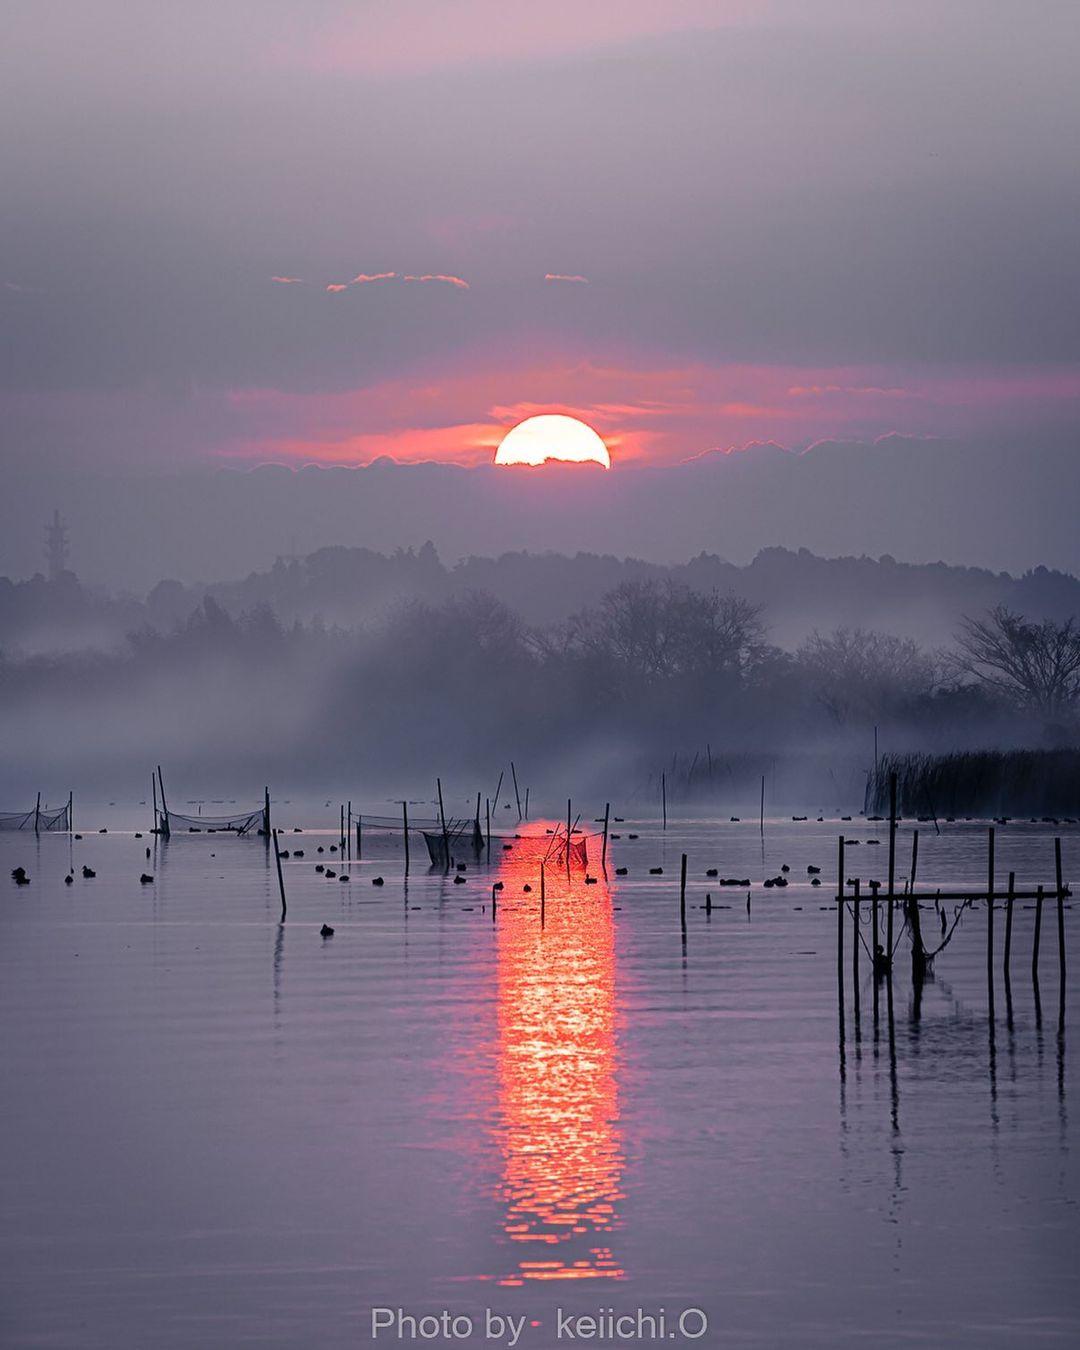 озеро, восход